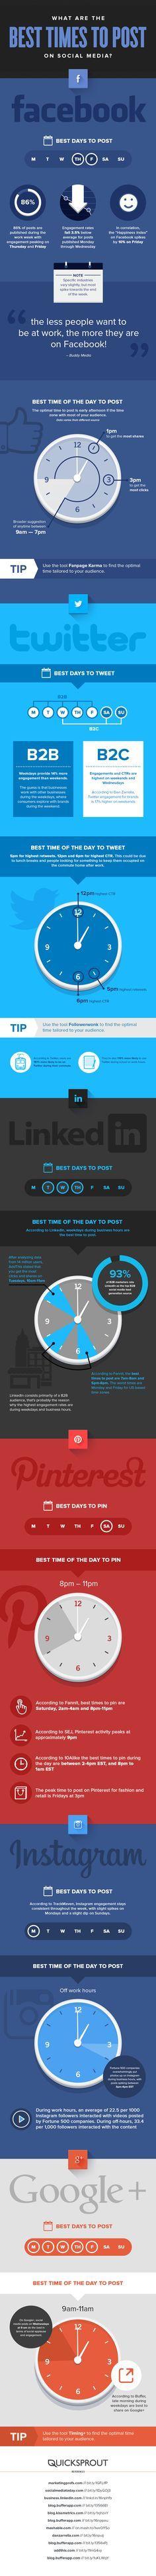 Como otimizar as redes sociais em 5 passos